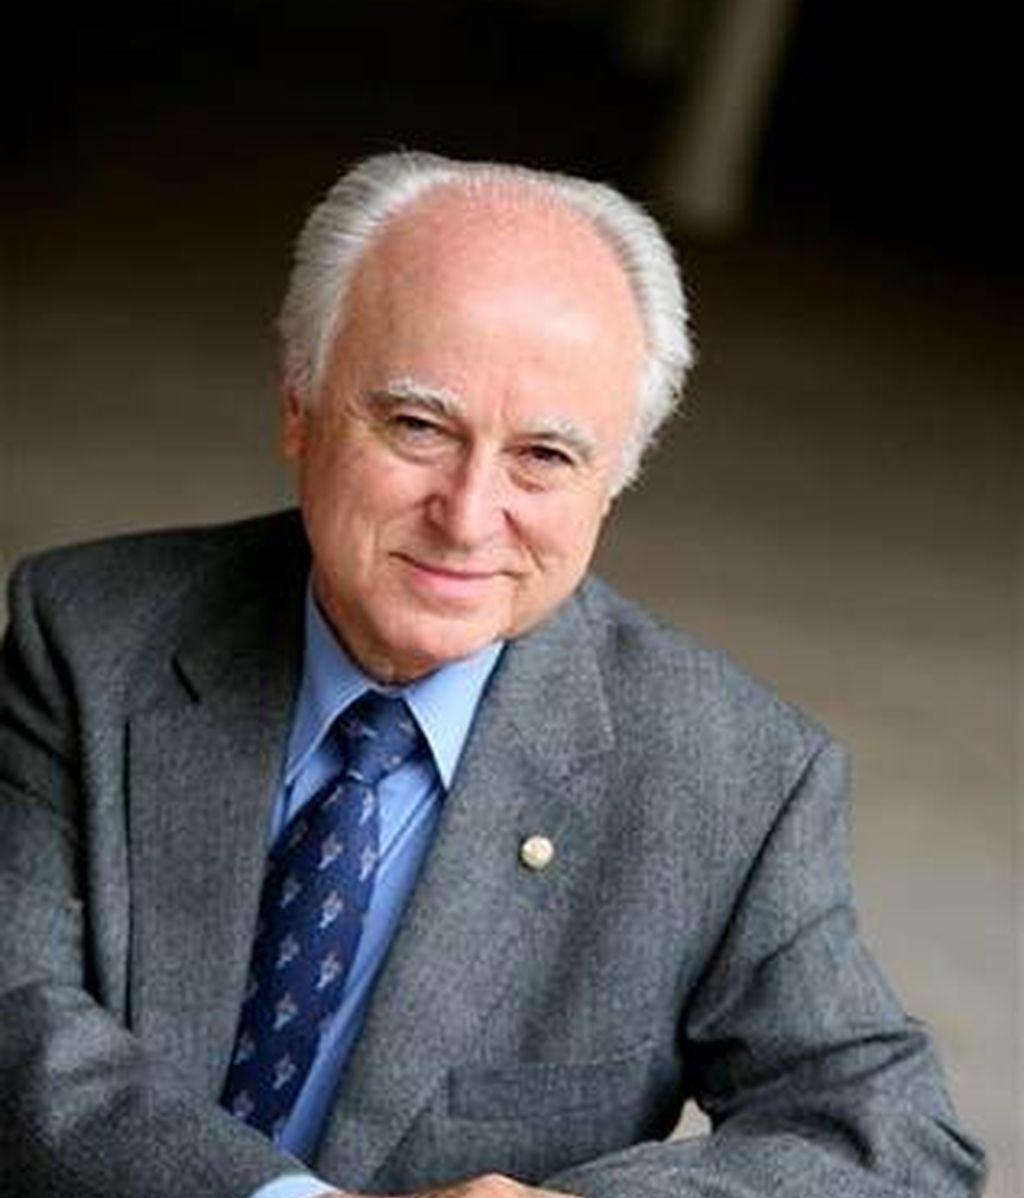 El exdiputado del PPdeG, José Manuel Castelao Bragaña